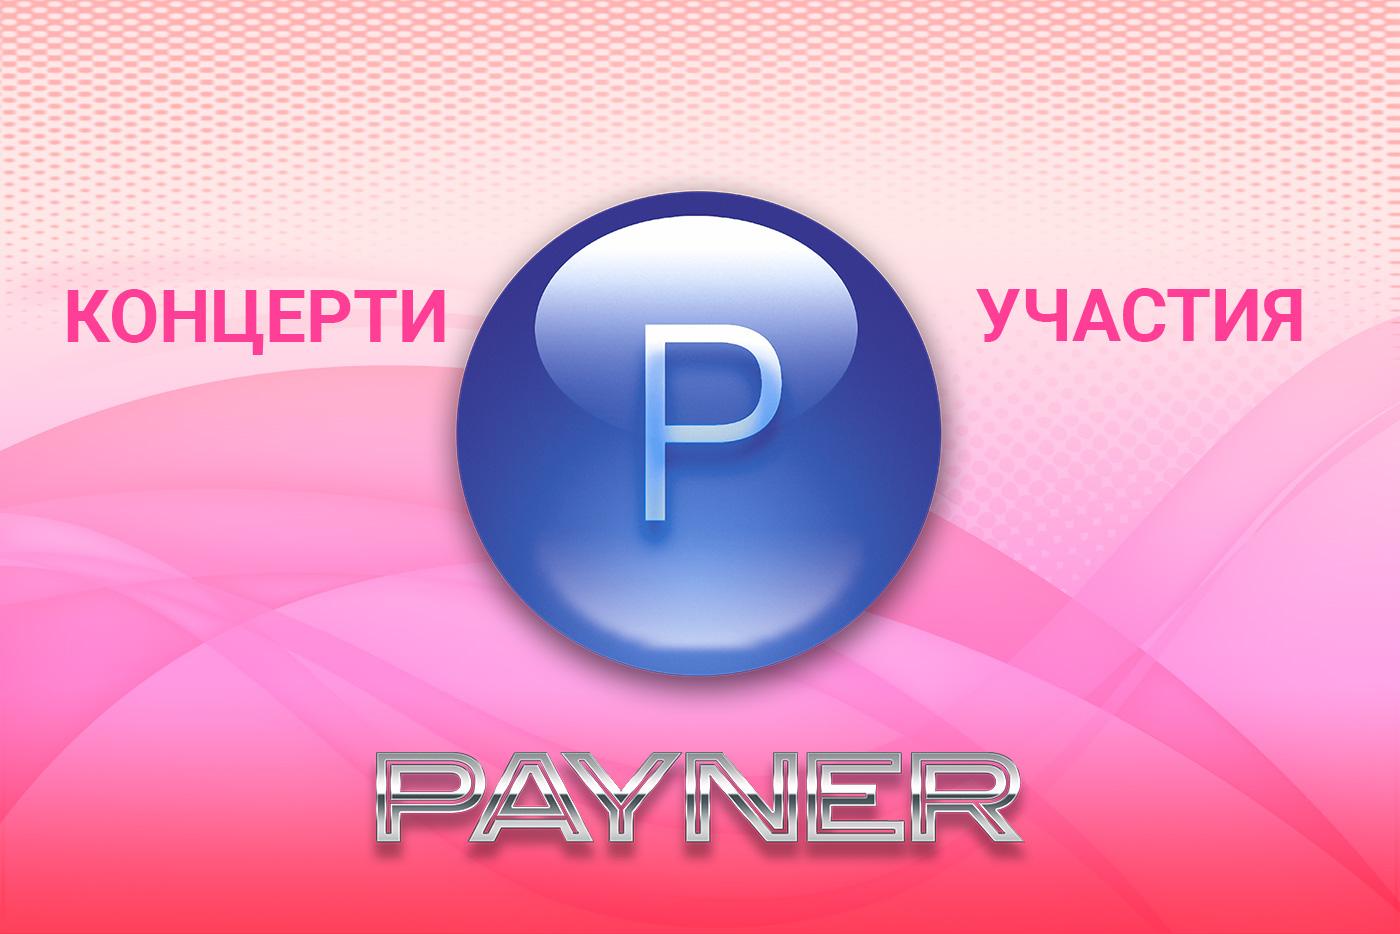 """Участия на звездите на """"Пайнер"""" на 11.06.2019"""